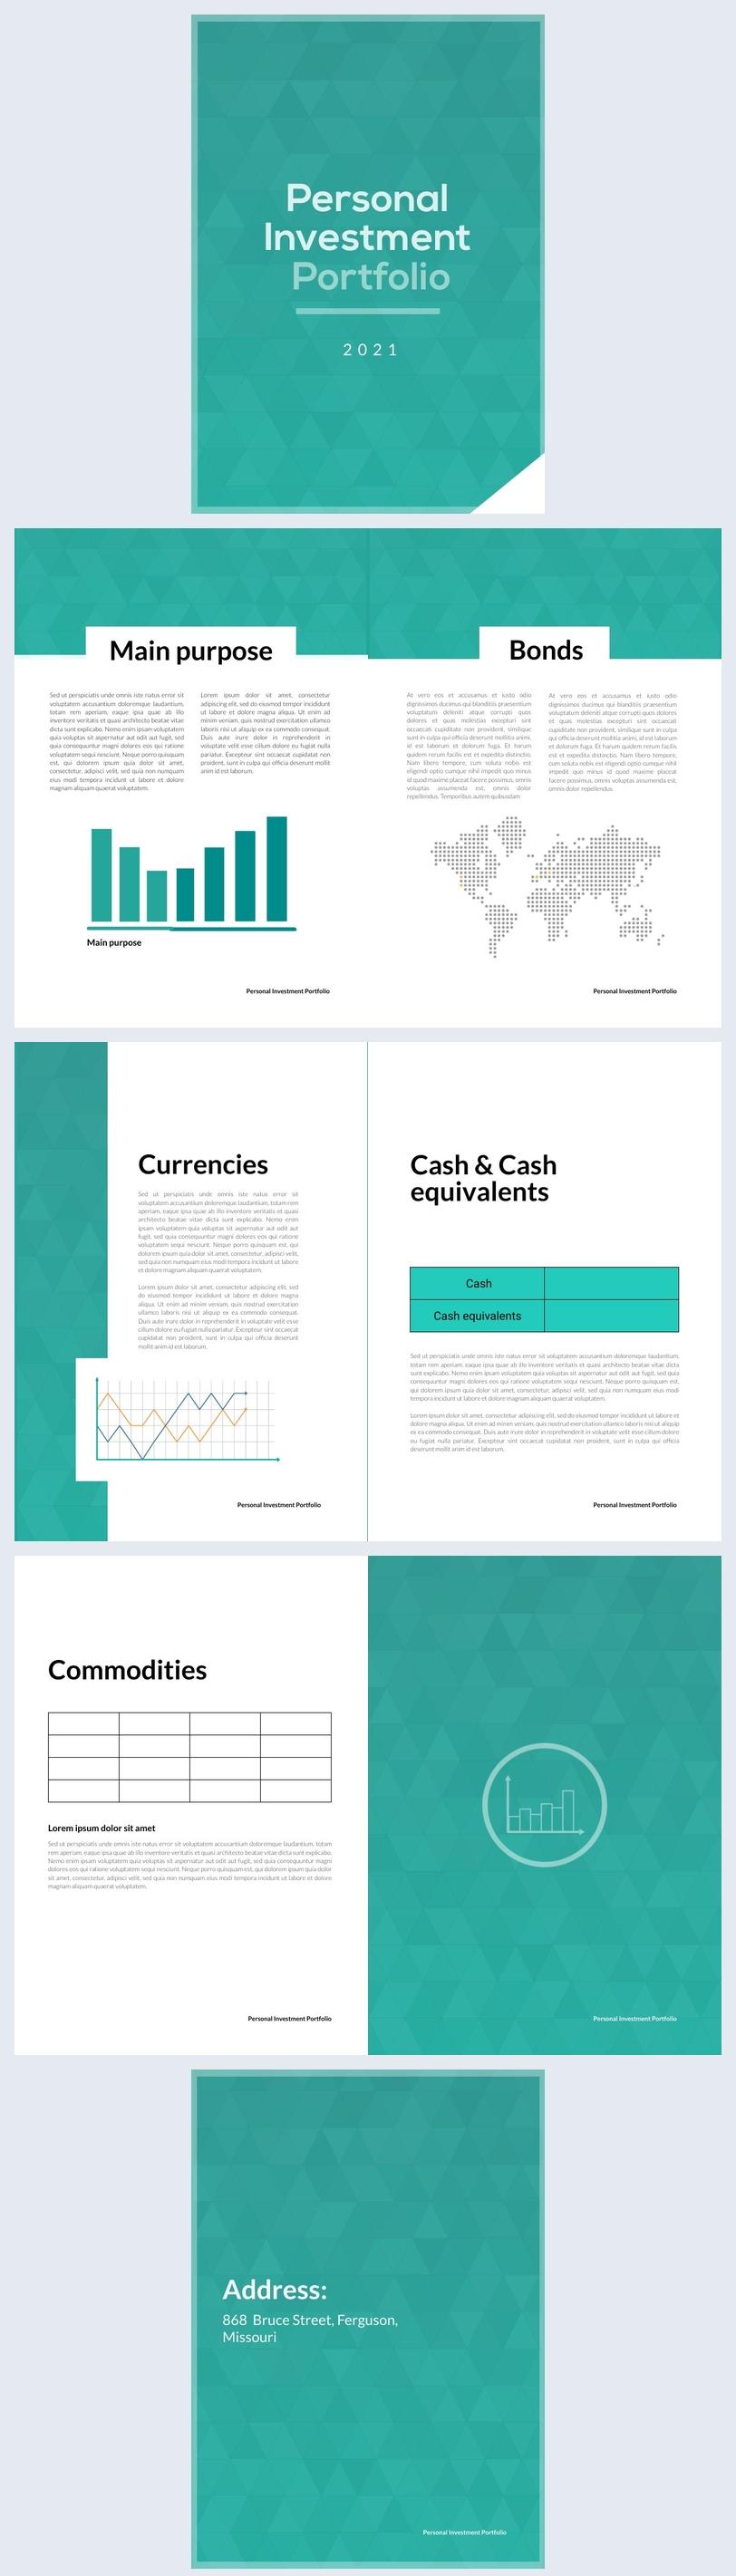 Personalized Investment Portfolio Design Example